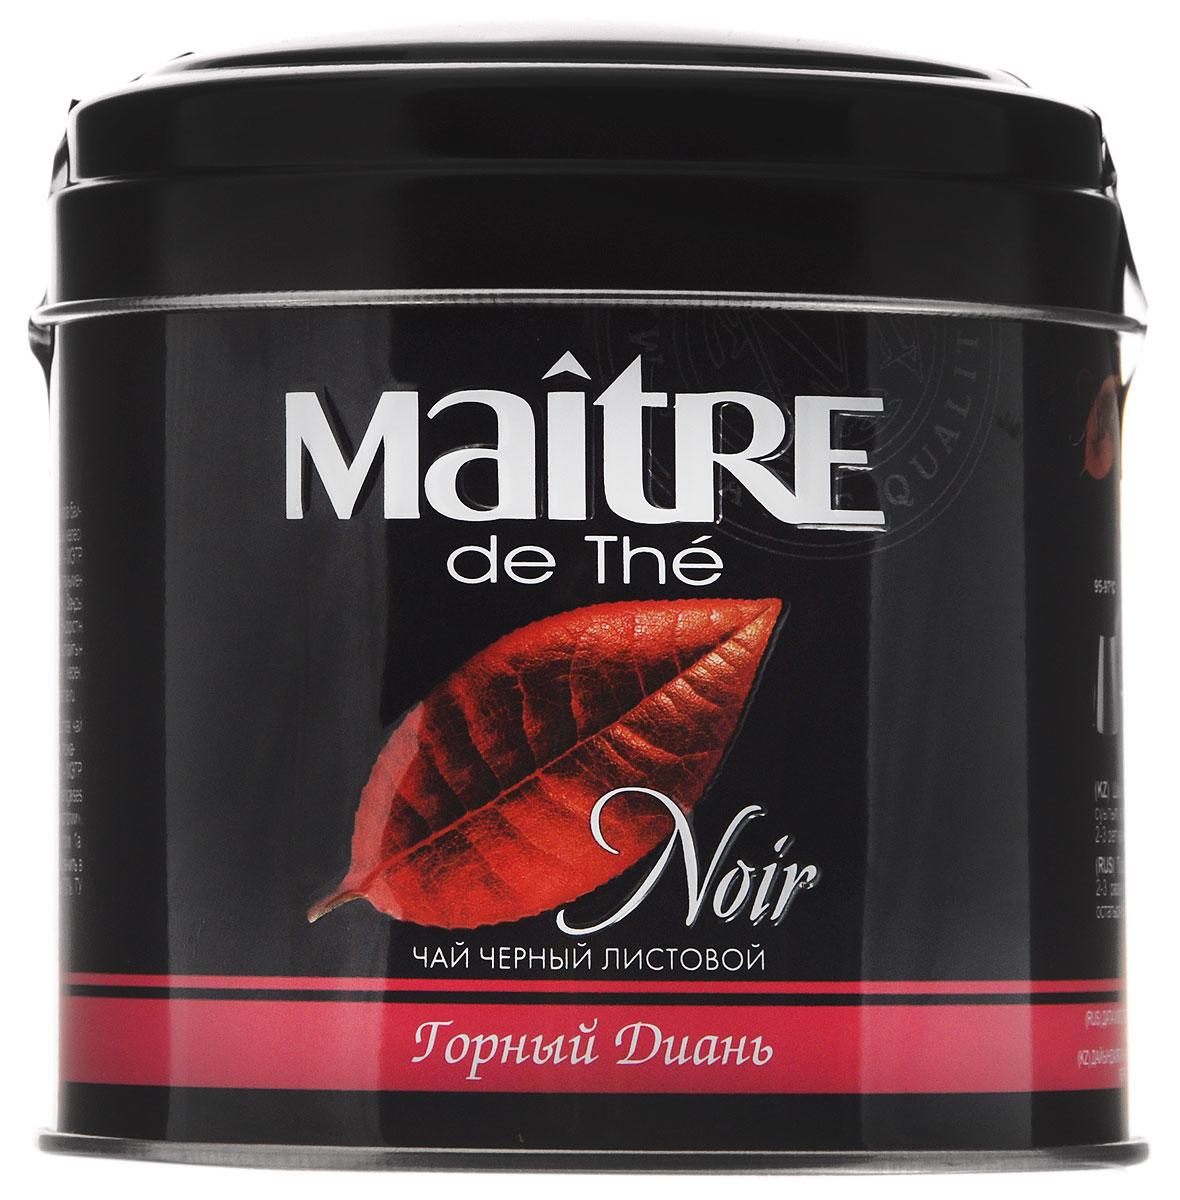 Maitre de The Горный диань черный листовой чай, 100 г (жестяная банка) maitre de the де люкс зеленый листовой чай 65 г жестяная банка